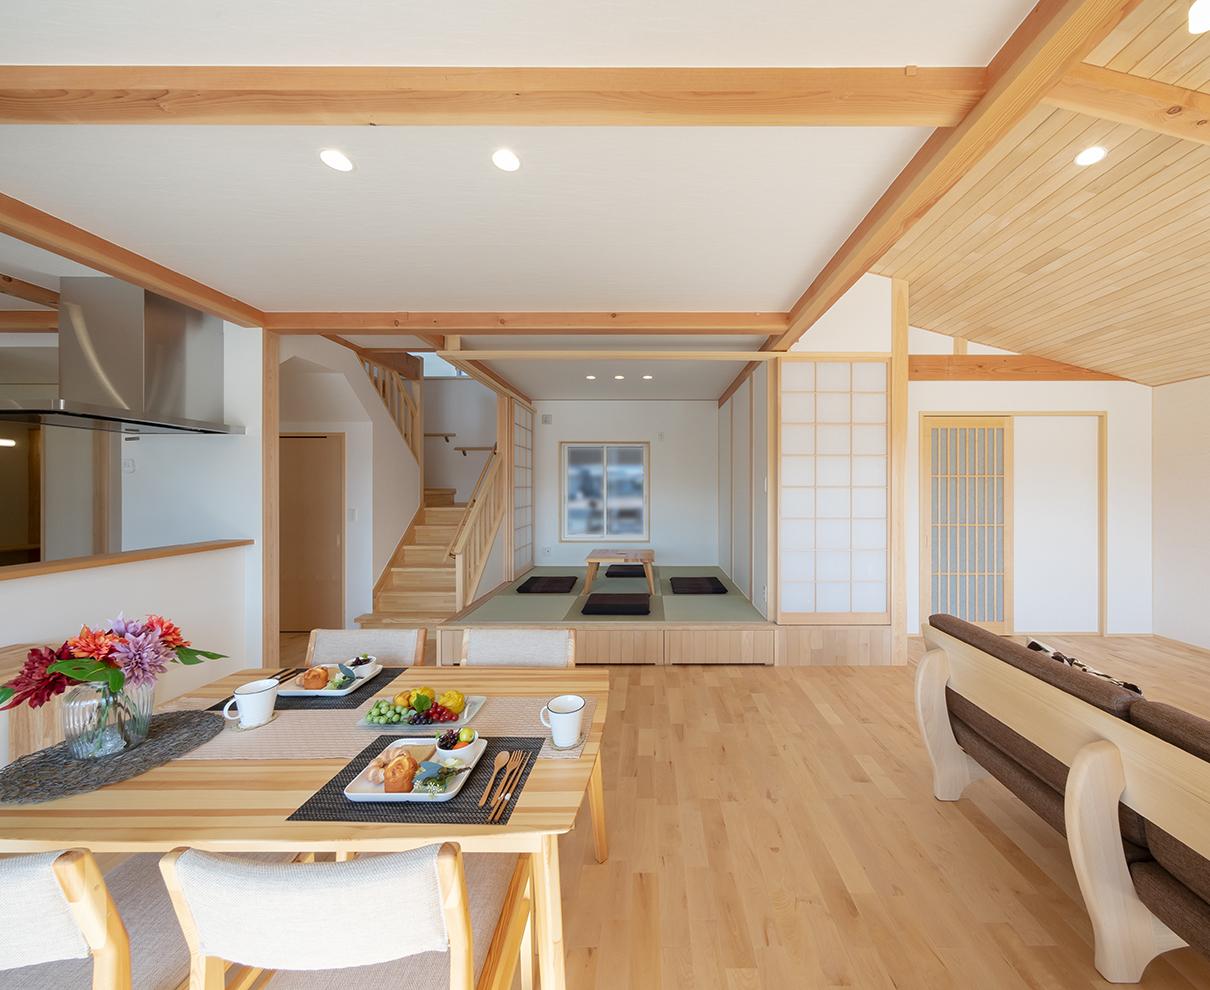 【3/6.7】完成内覧会自然素材と和風にこだわった広さと明るさが自慢の家|ハウジングサービス